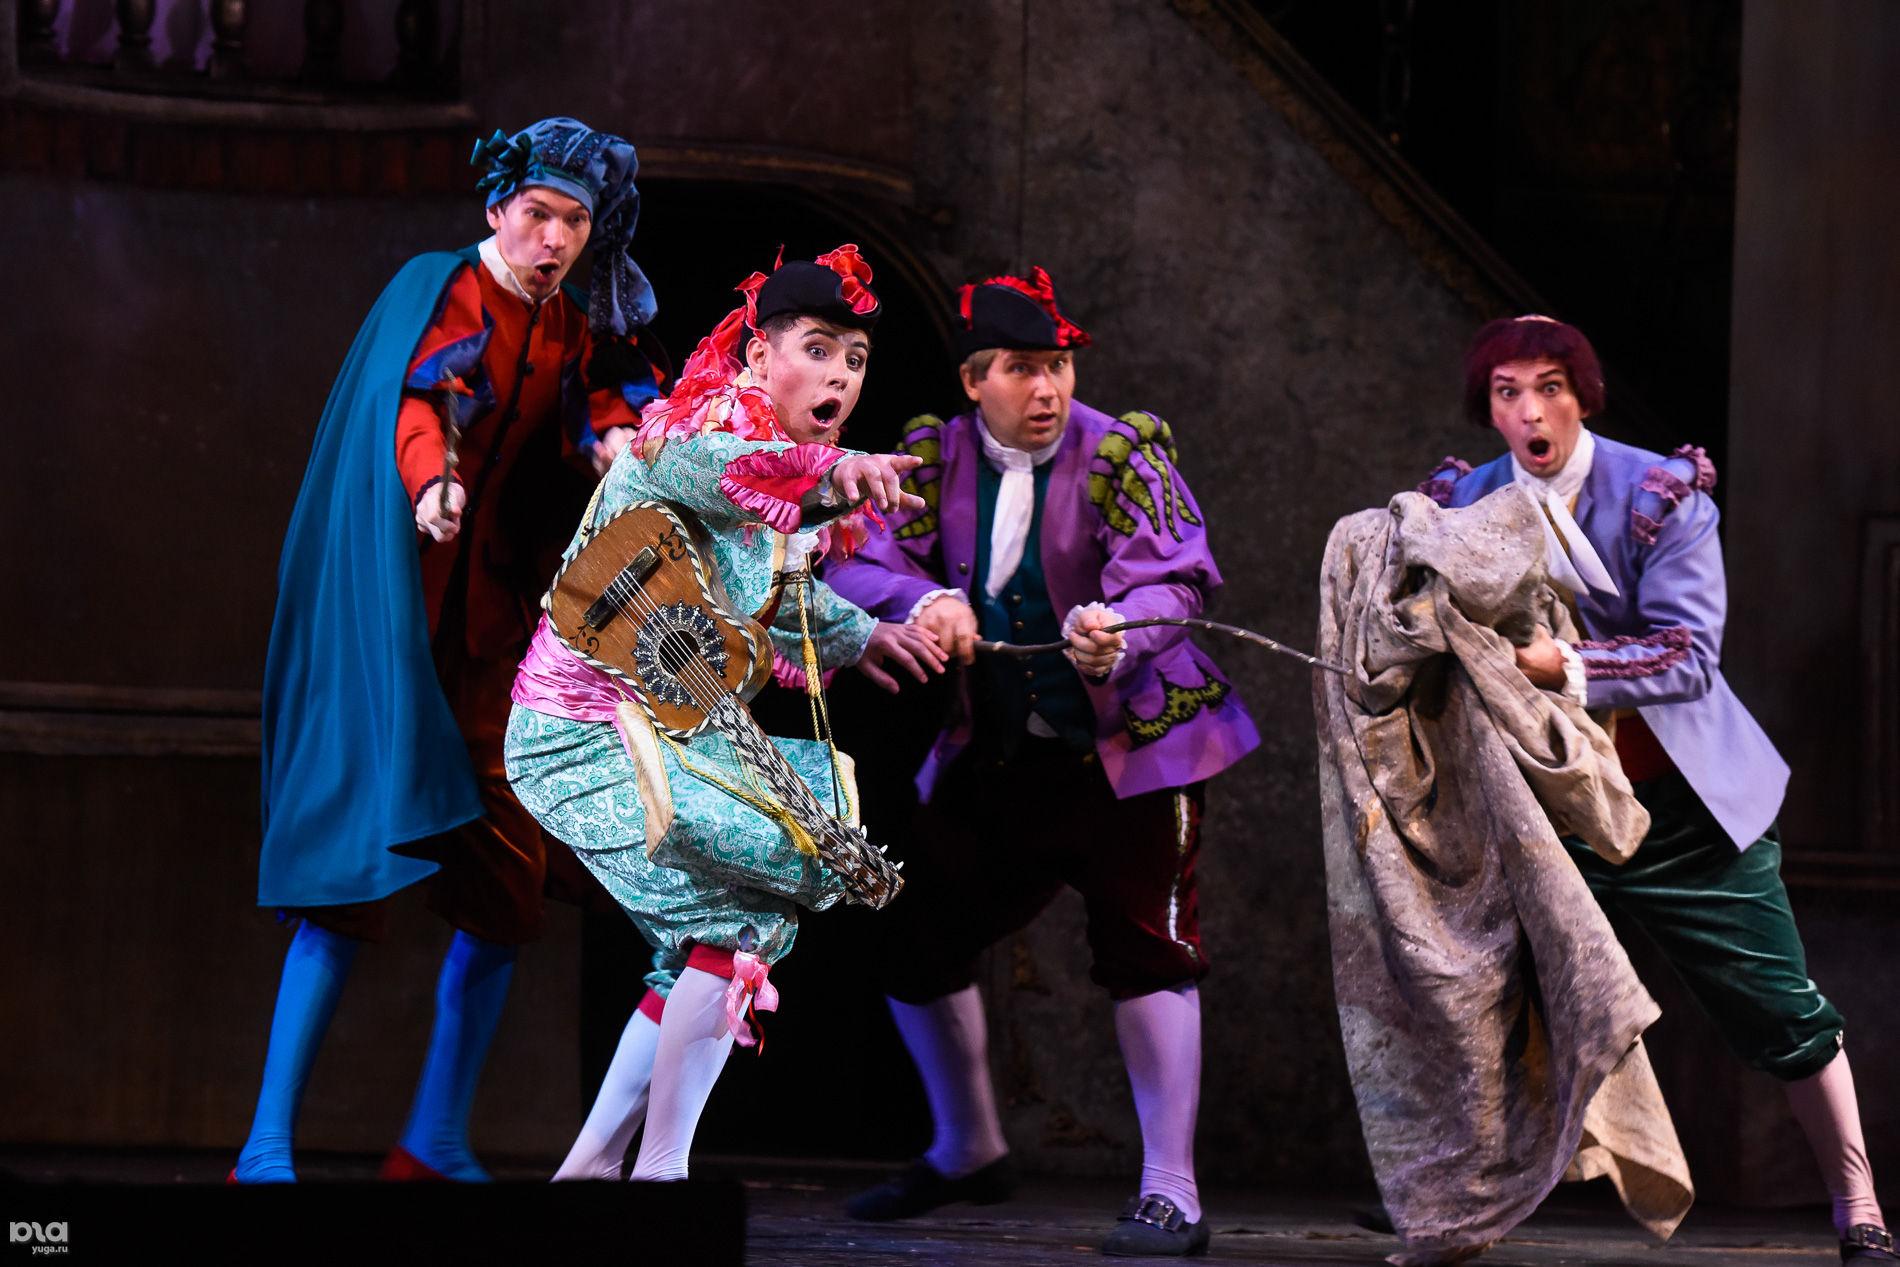 Предпремьерный показ оперы «Севильский цирюльник» ©Фото Елены Синеок, Юга.ру